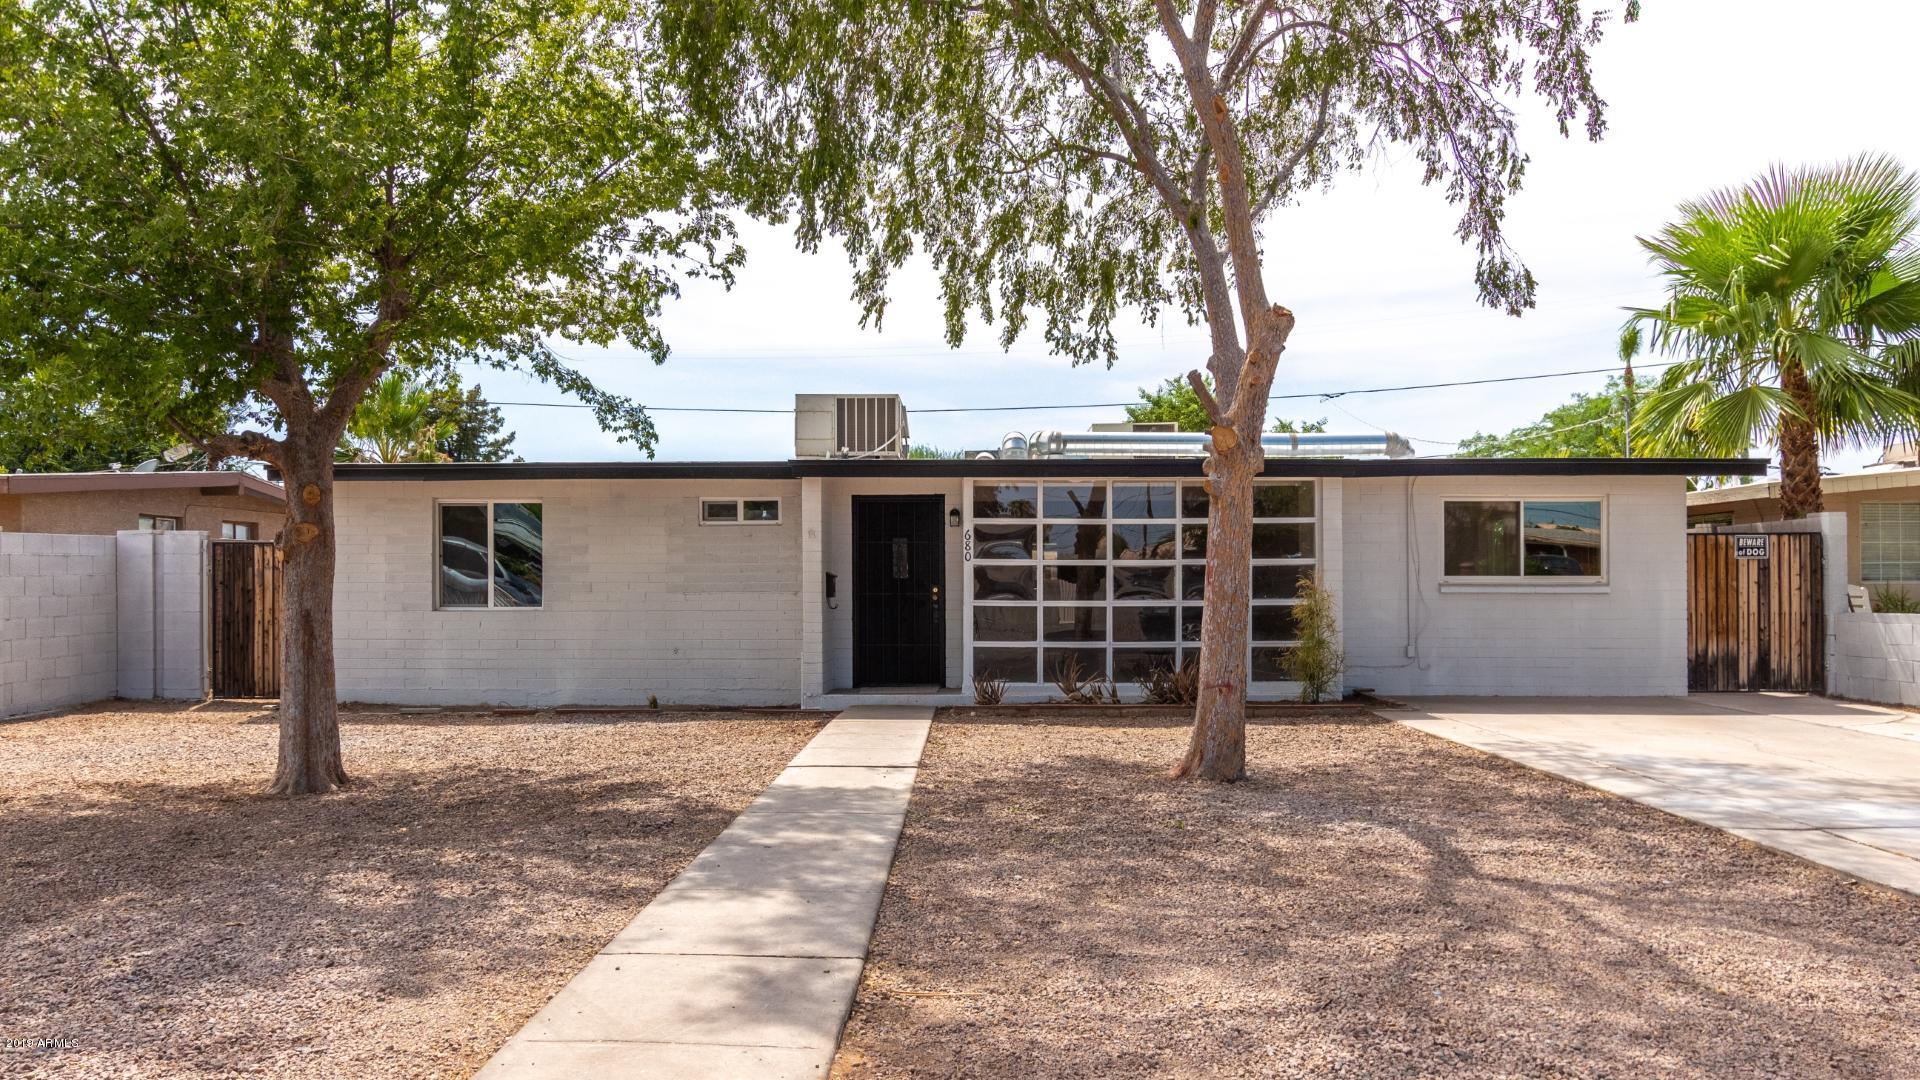 Photo of 680 N DELAWARE Street, Chandler, AZ 85225